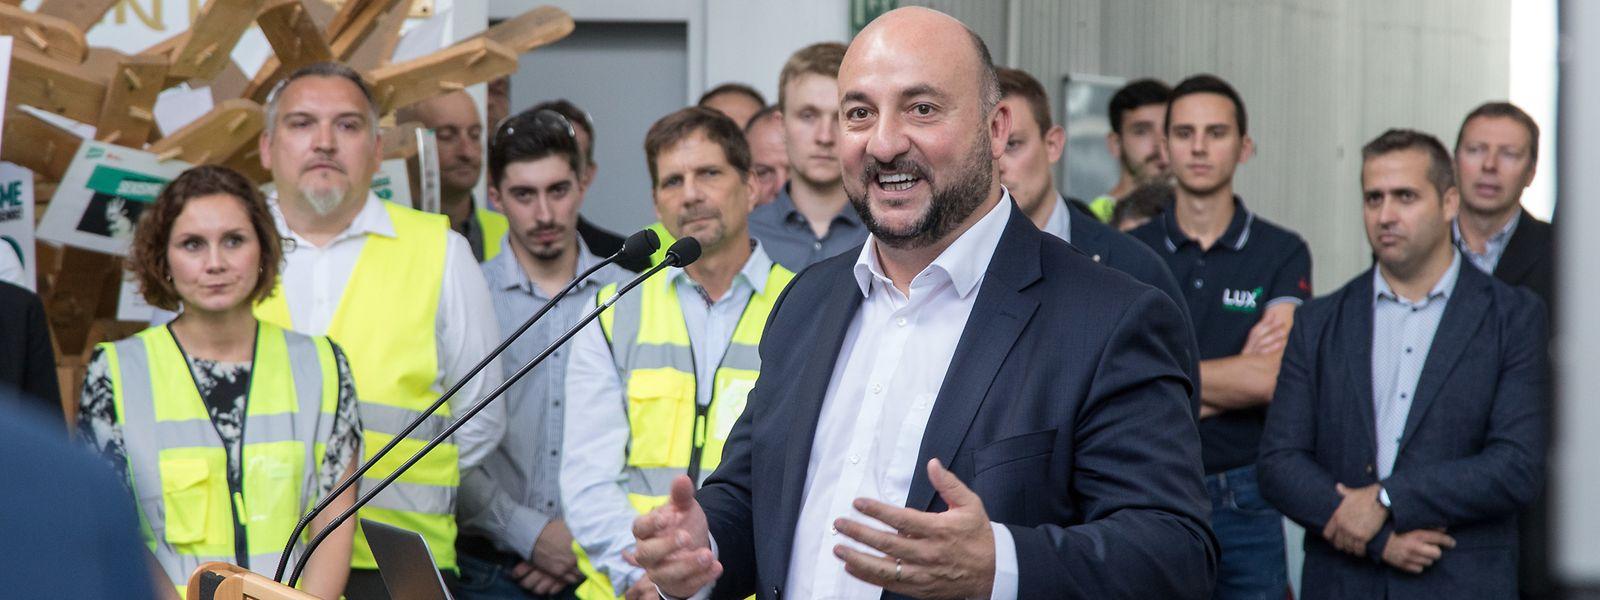 Le ministre de l'Économie, Etienne Schneider, s'est dit prêt à accompagner l'usine dans un nouvel investissement.